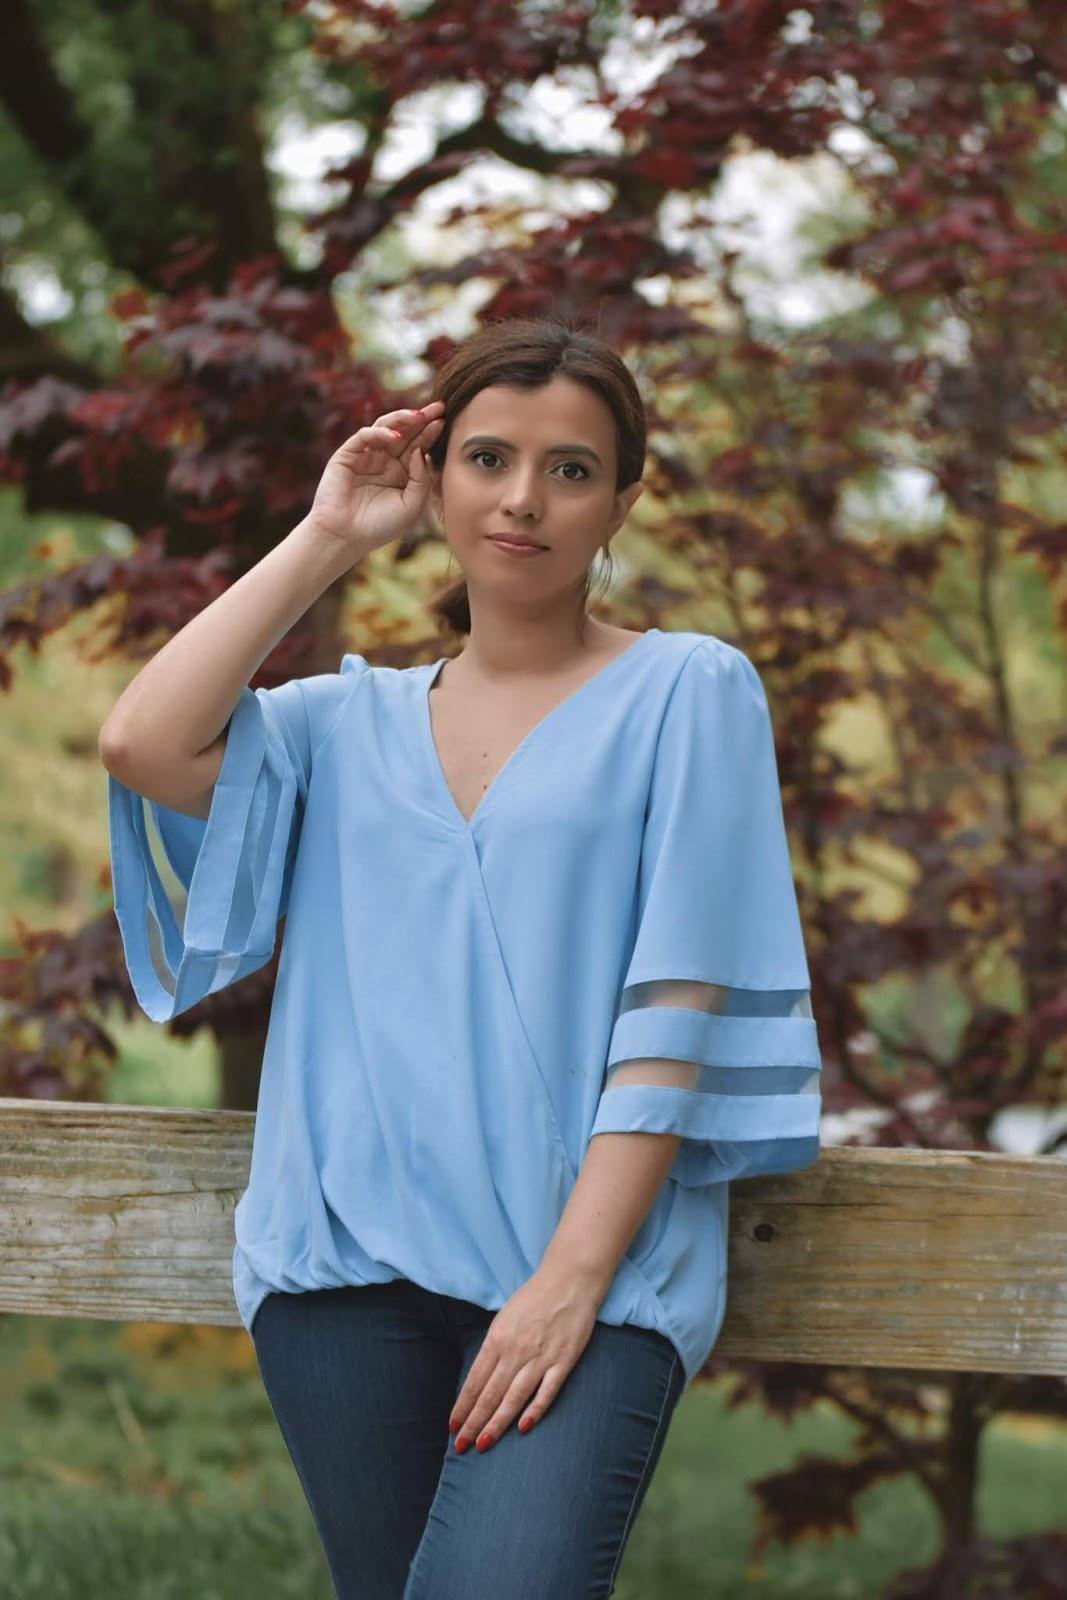 como crear outfits, como crear outfits desde cero, mariestilo, look of the day, fashion blogger, dcblogger